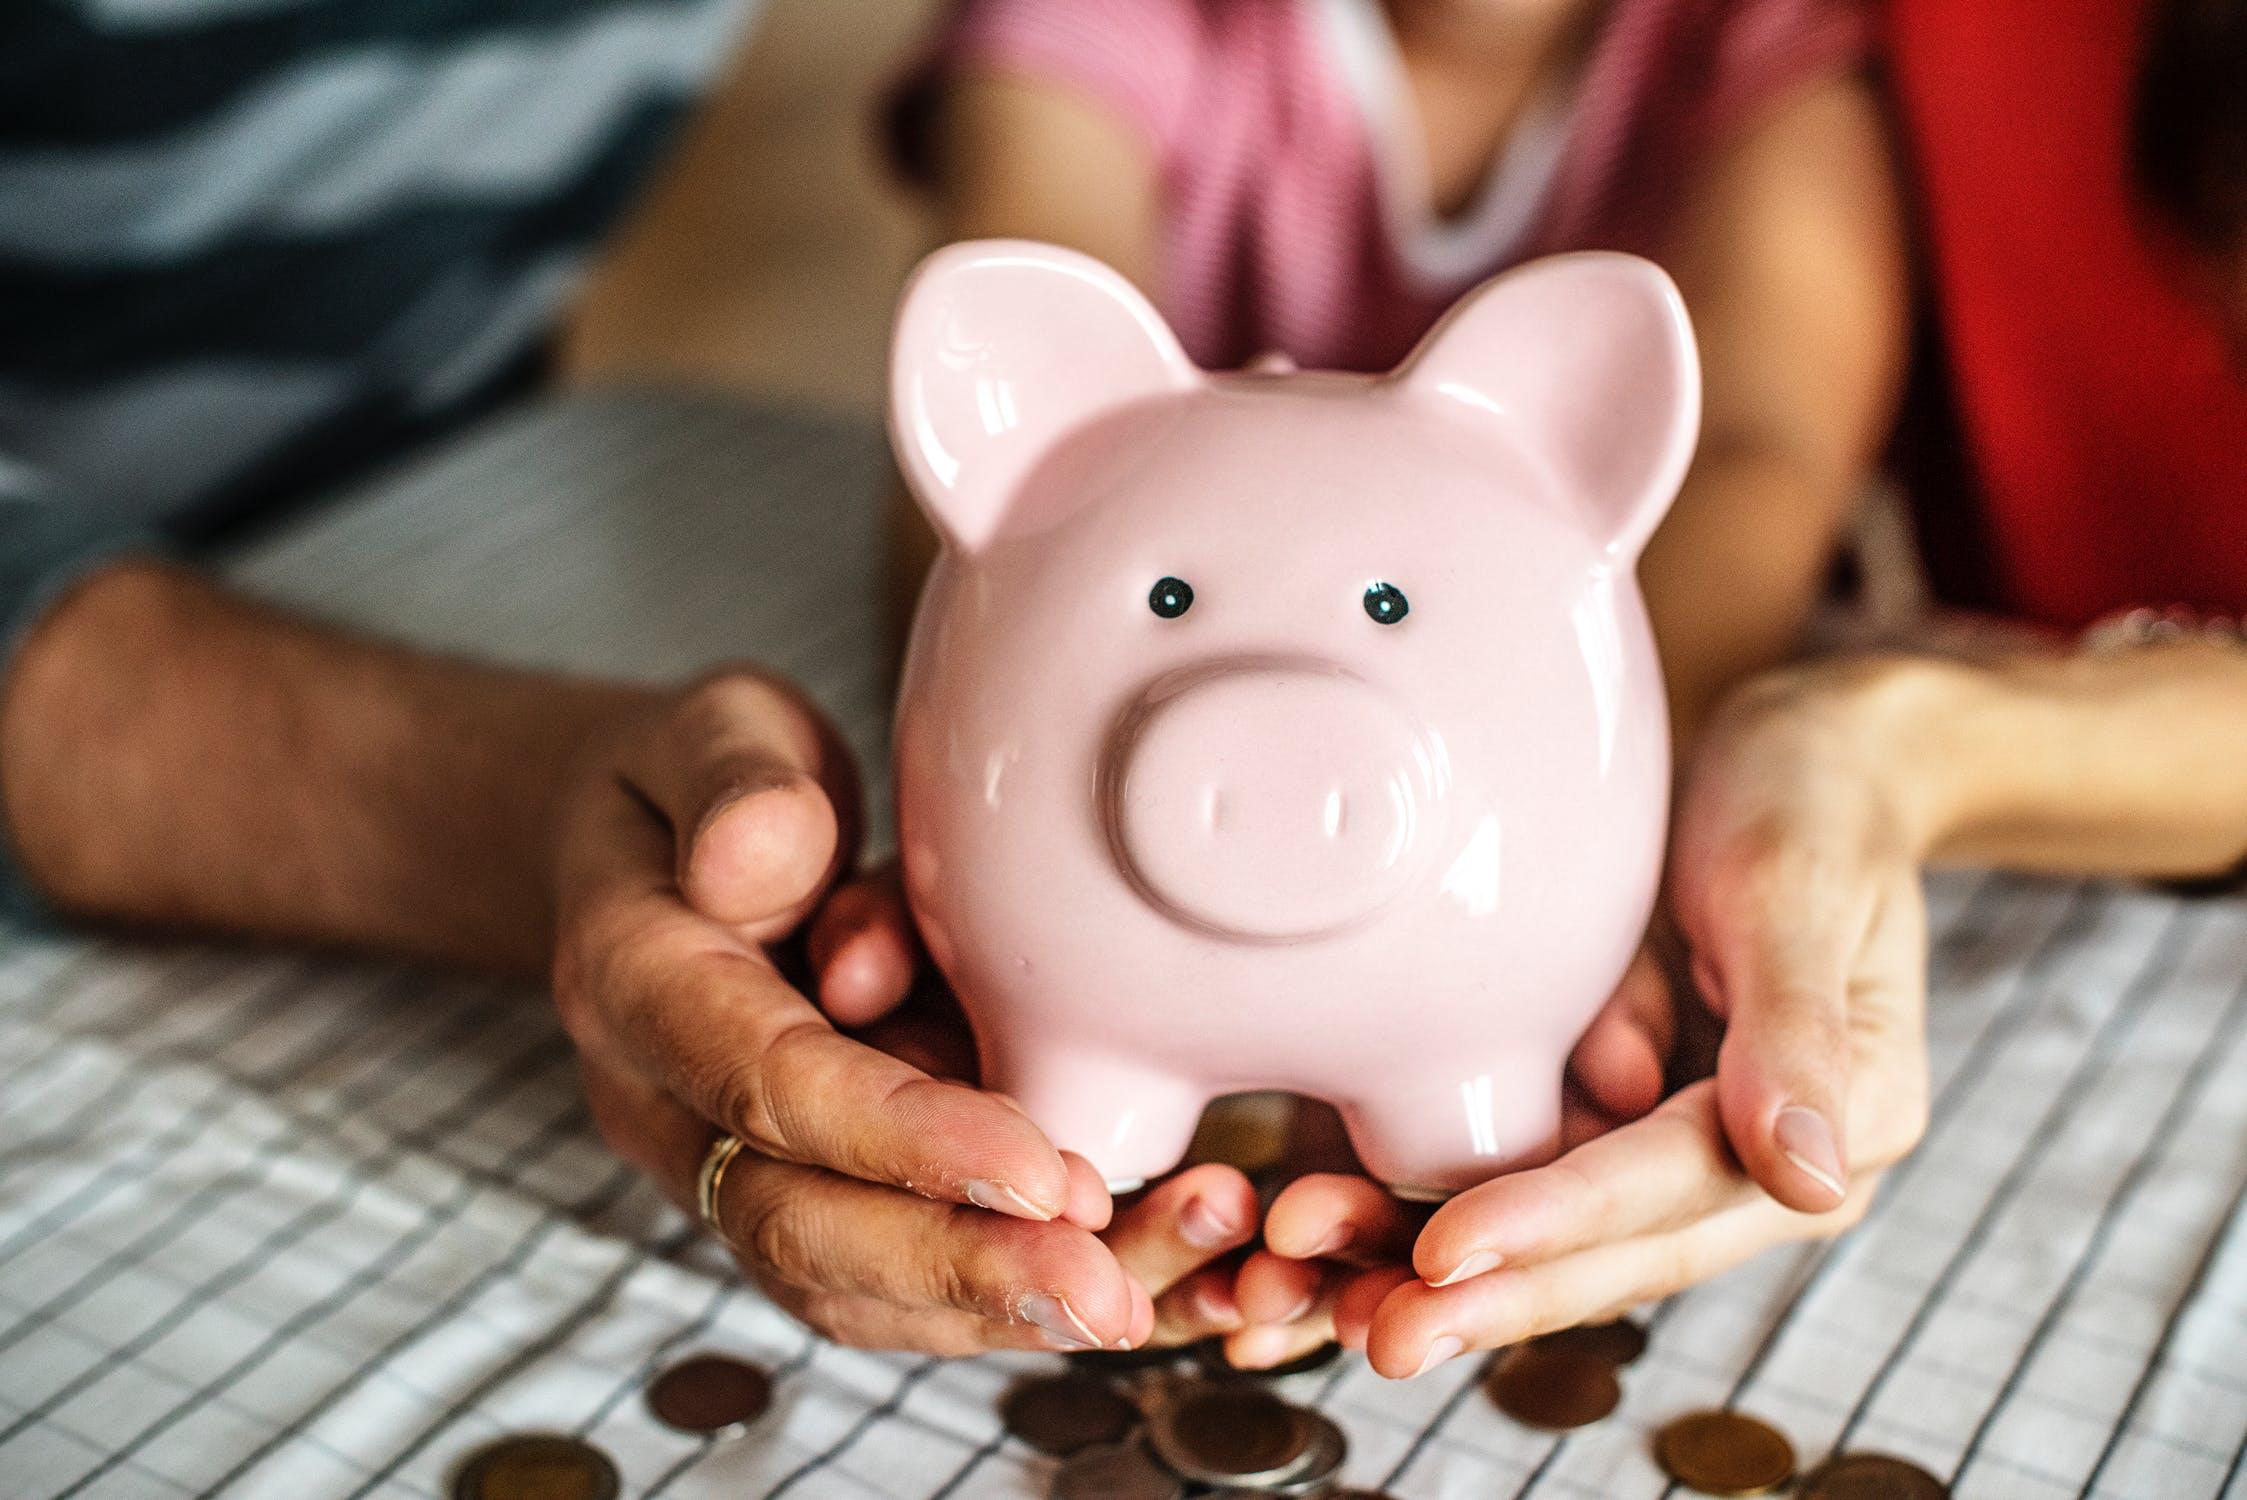 kā iemācīties nopelnīt naudu par iespējām)